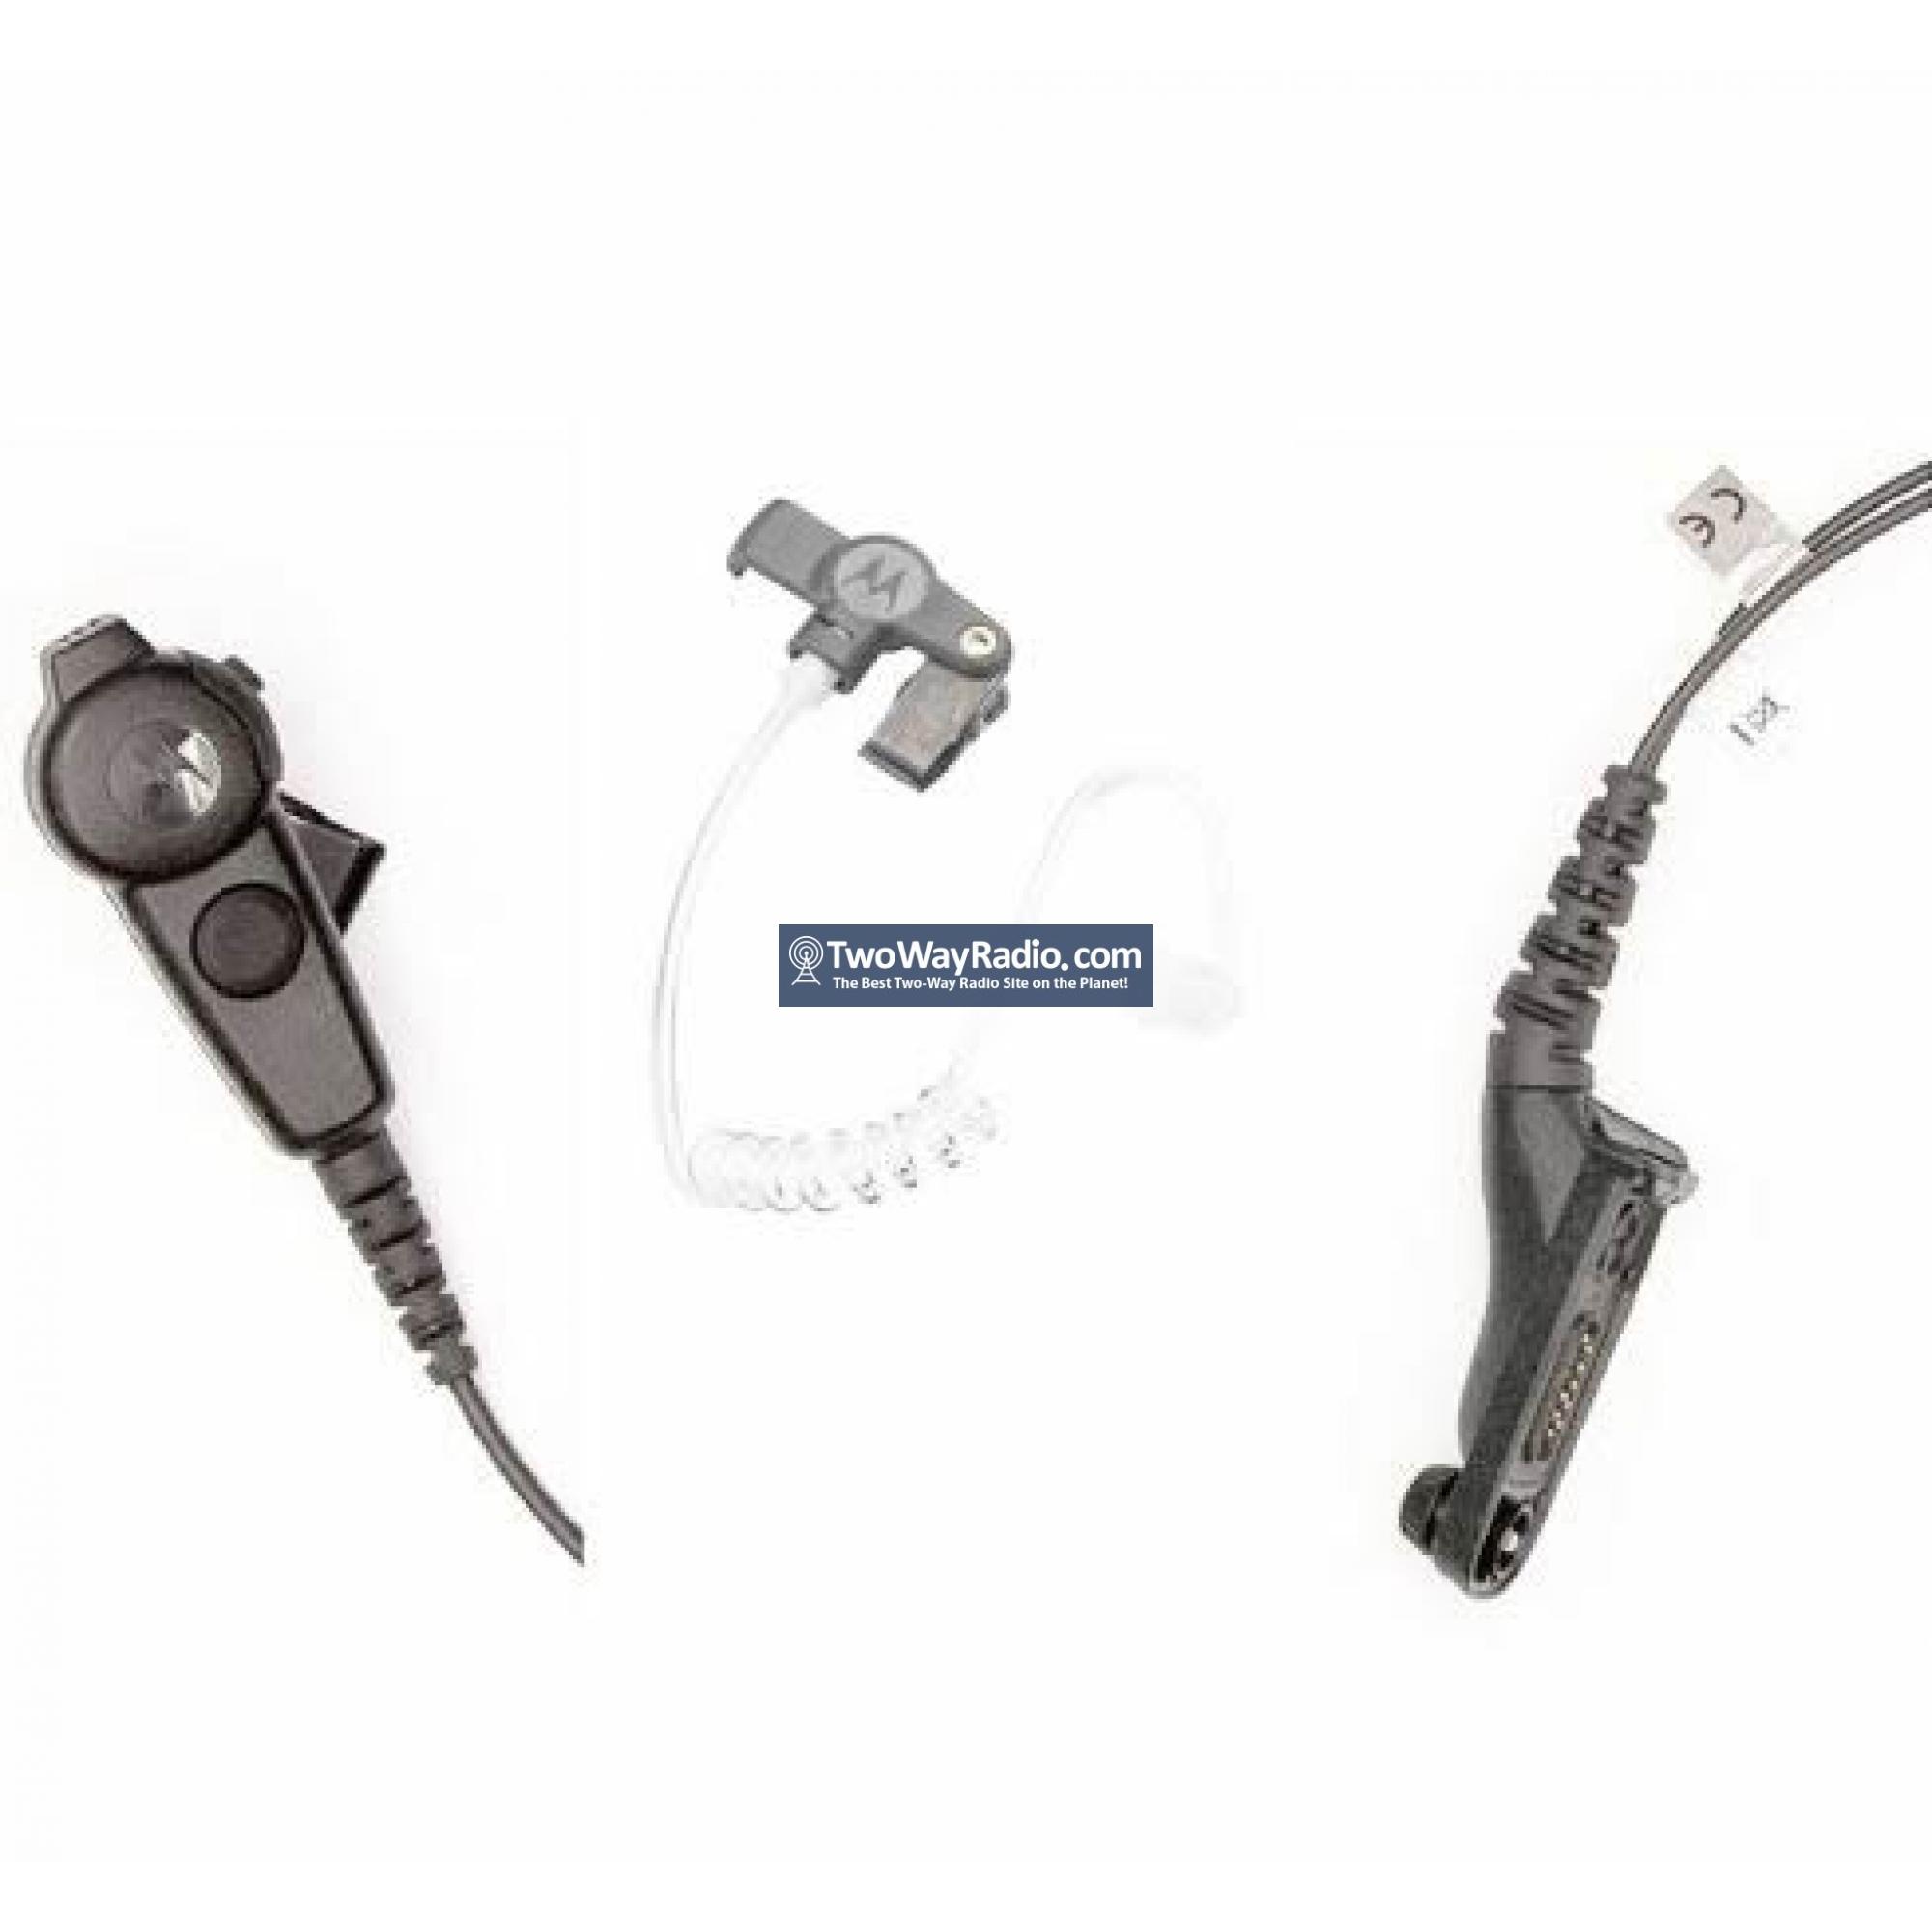 PMLN6129 2-Wire Surveillance Earpiece For MOTOROLA XPR7350e XPR7550e Radio BK